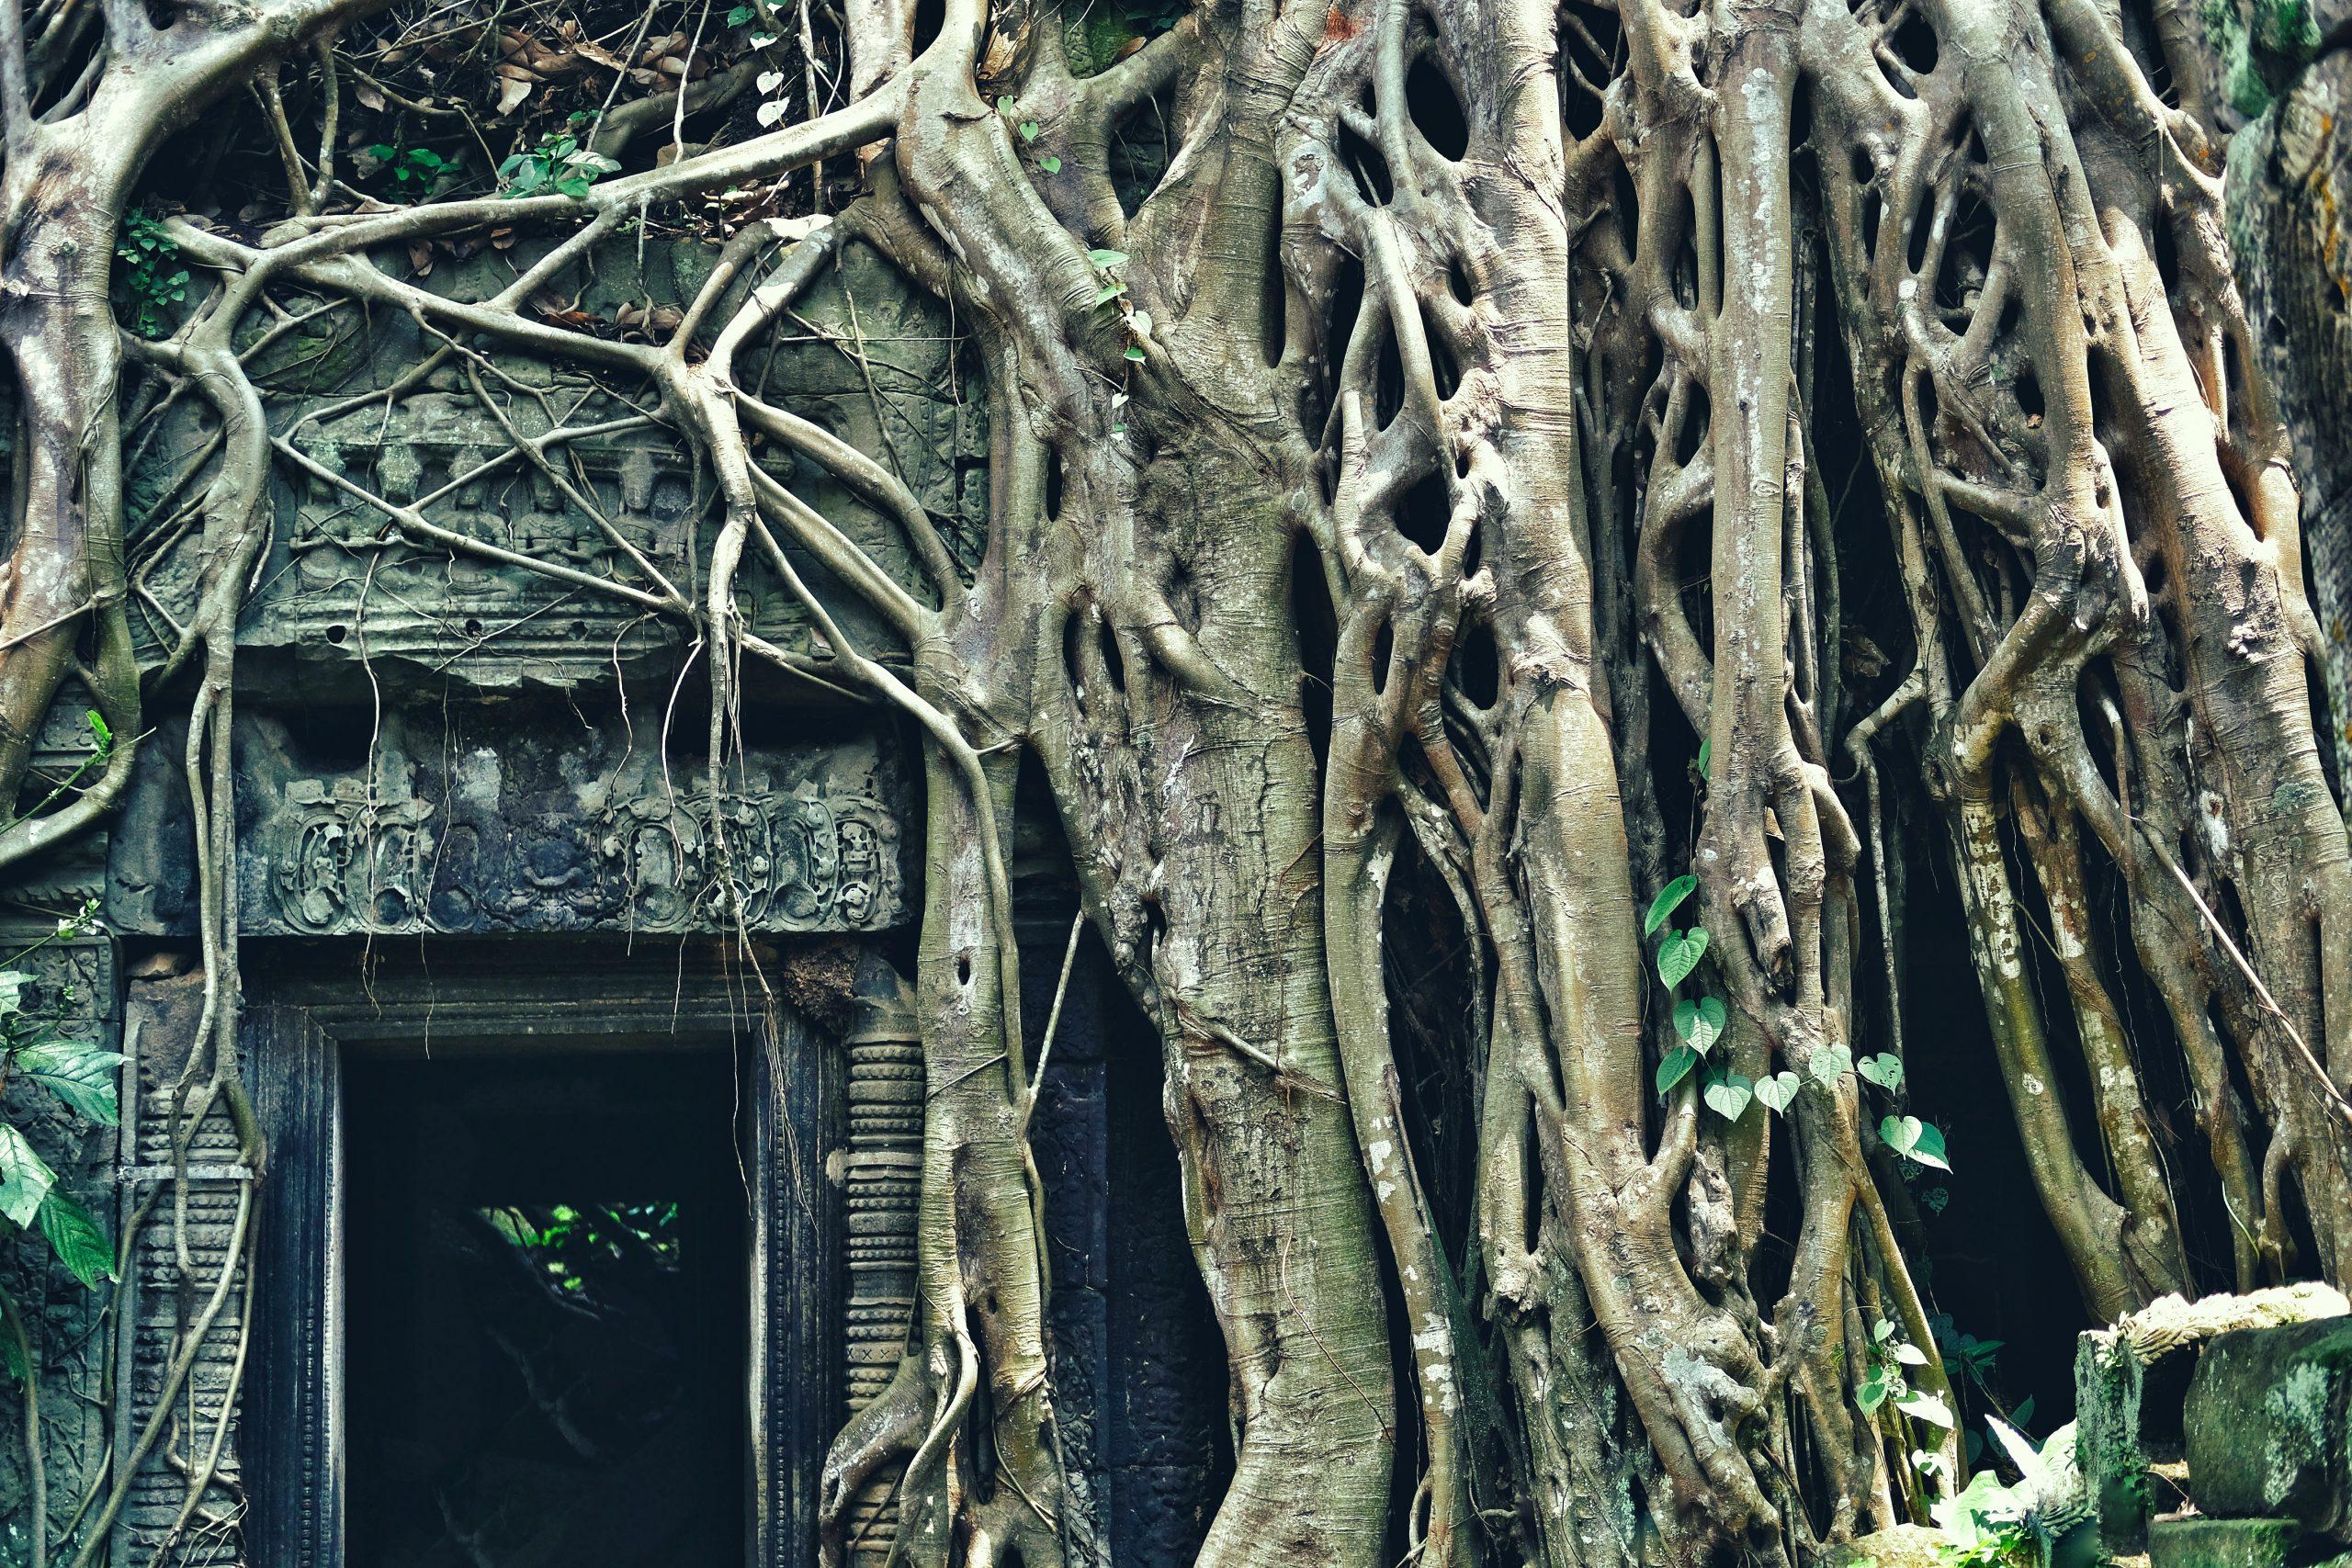 ASIE KAMBODŽA (Angkor Vat)